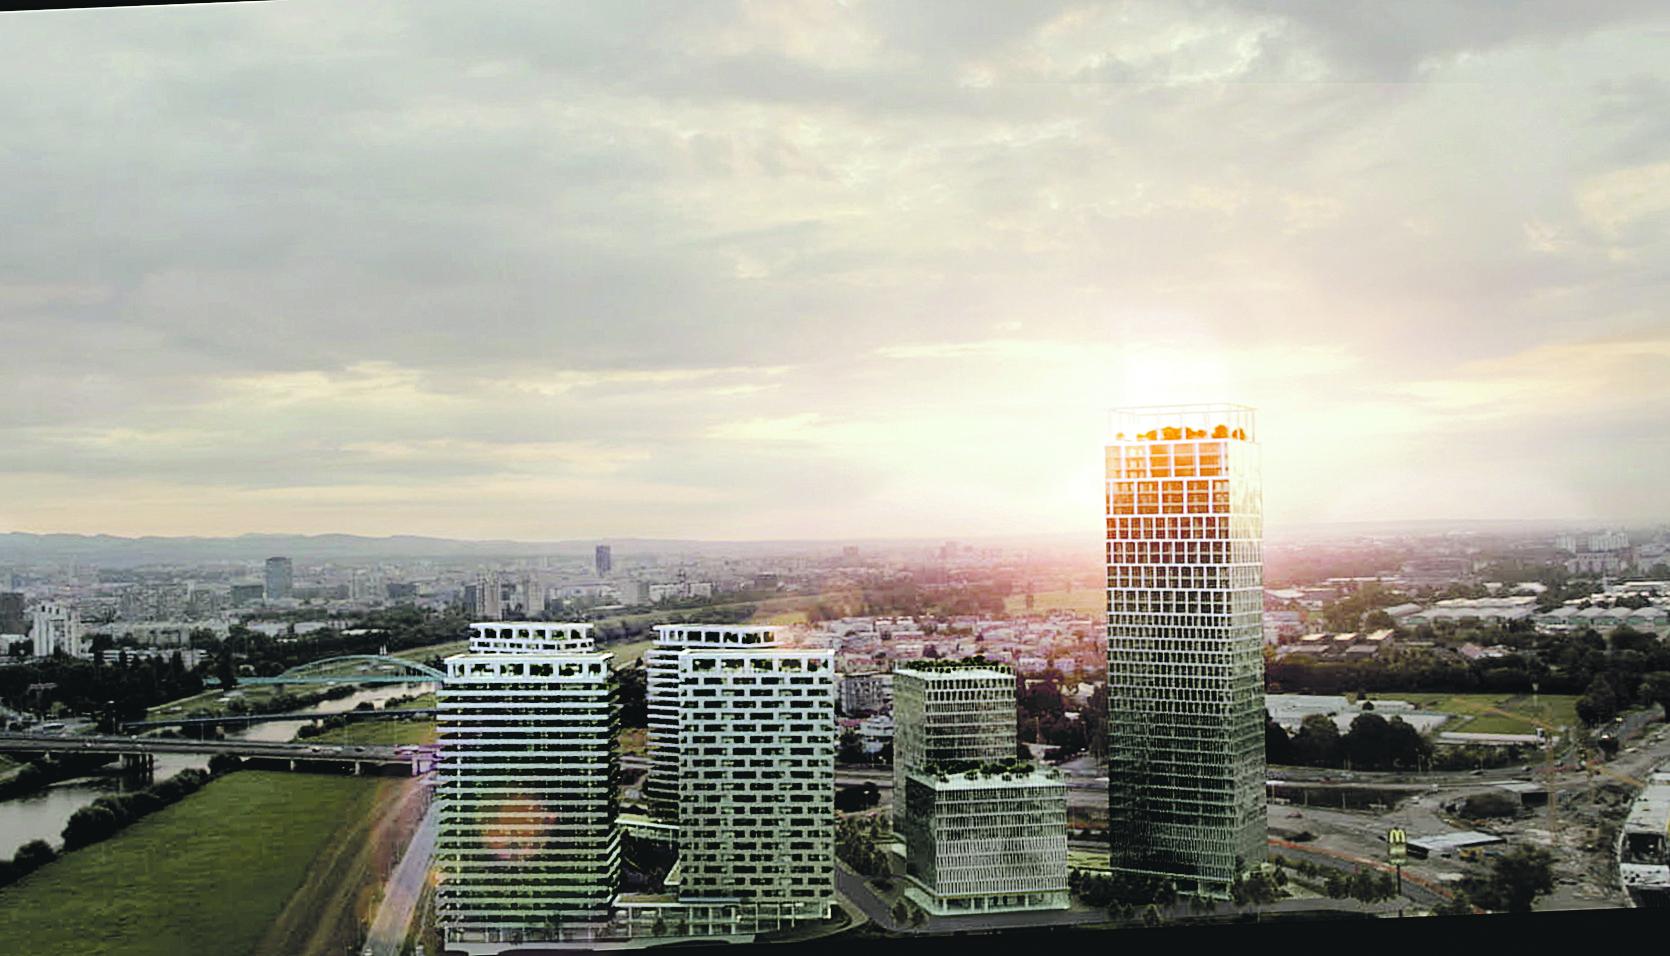 Nedjeljni ekskluzivno donosi detalje projekta Jarun Panorama o kojem se priča već 12 godina i kojeg su pratile brjne kontroverze